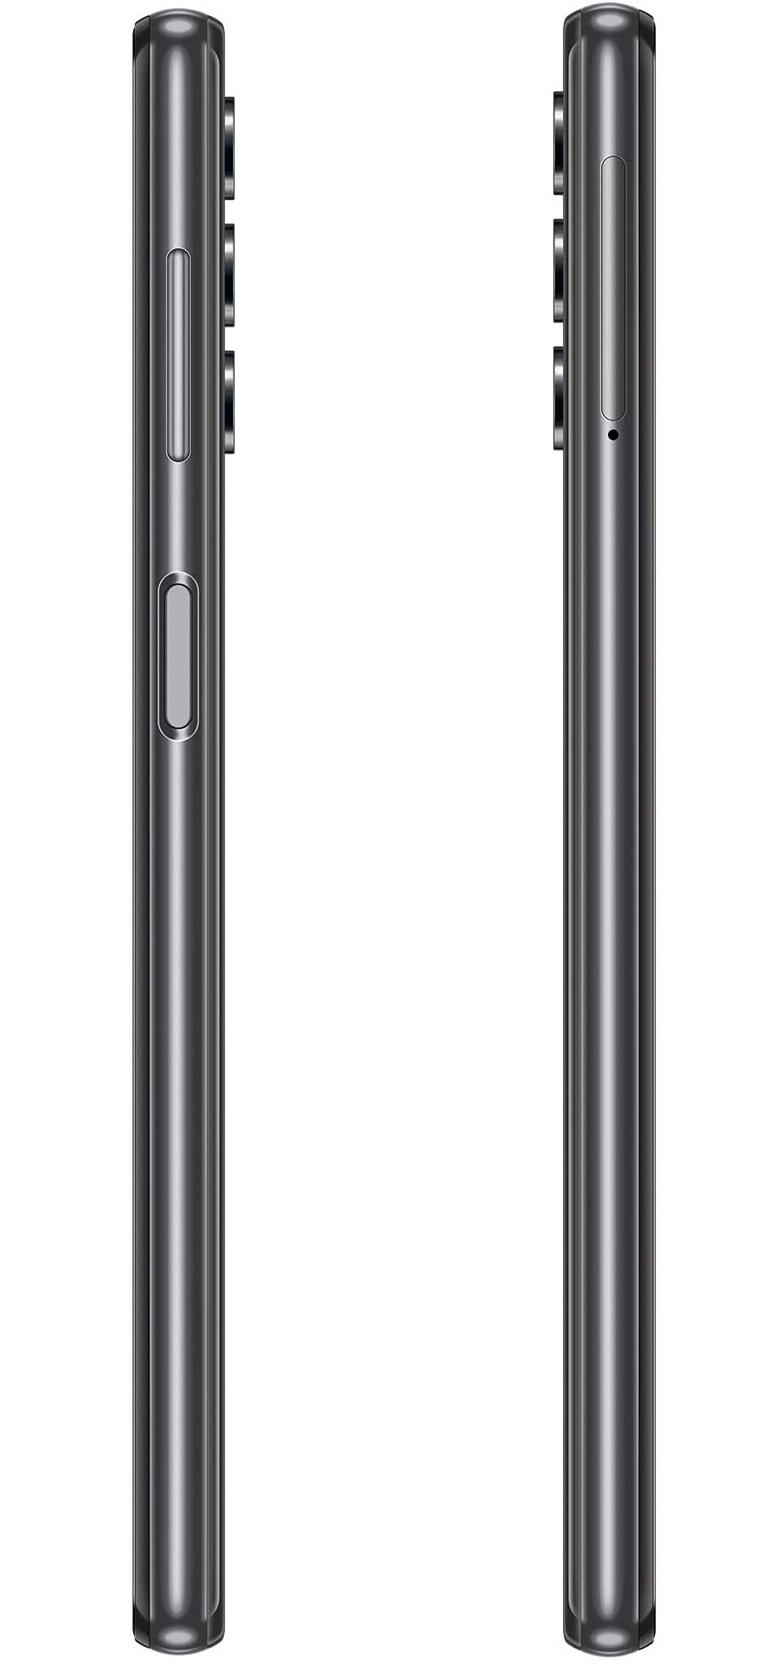 Samsung Galaxy A32 DS (SM-A325) 64GB 352407511781230 - 3